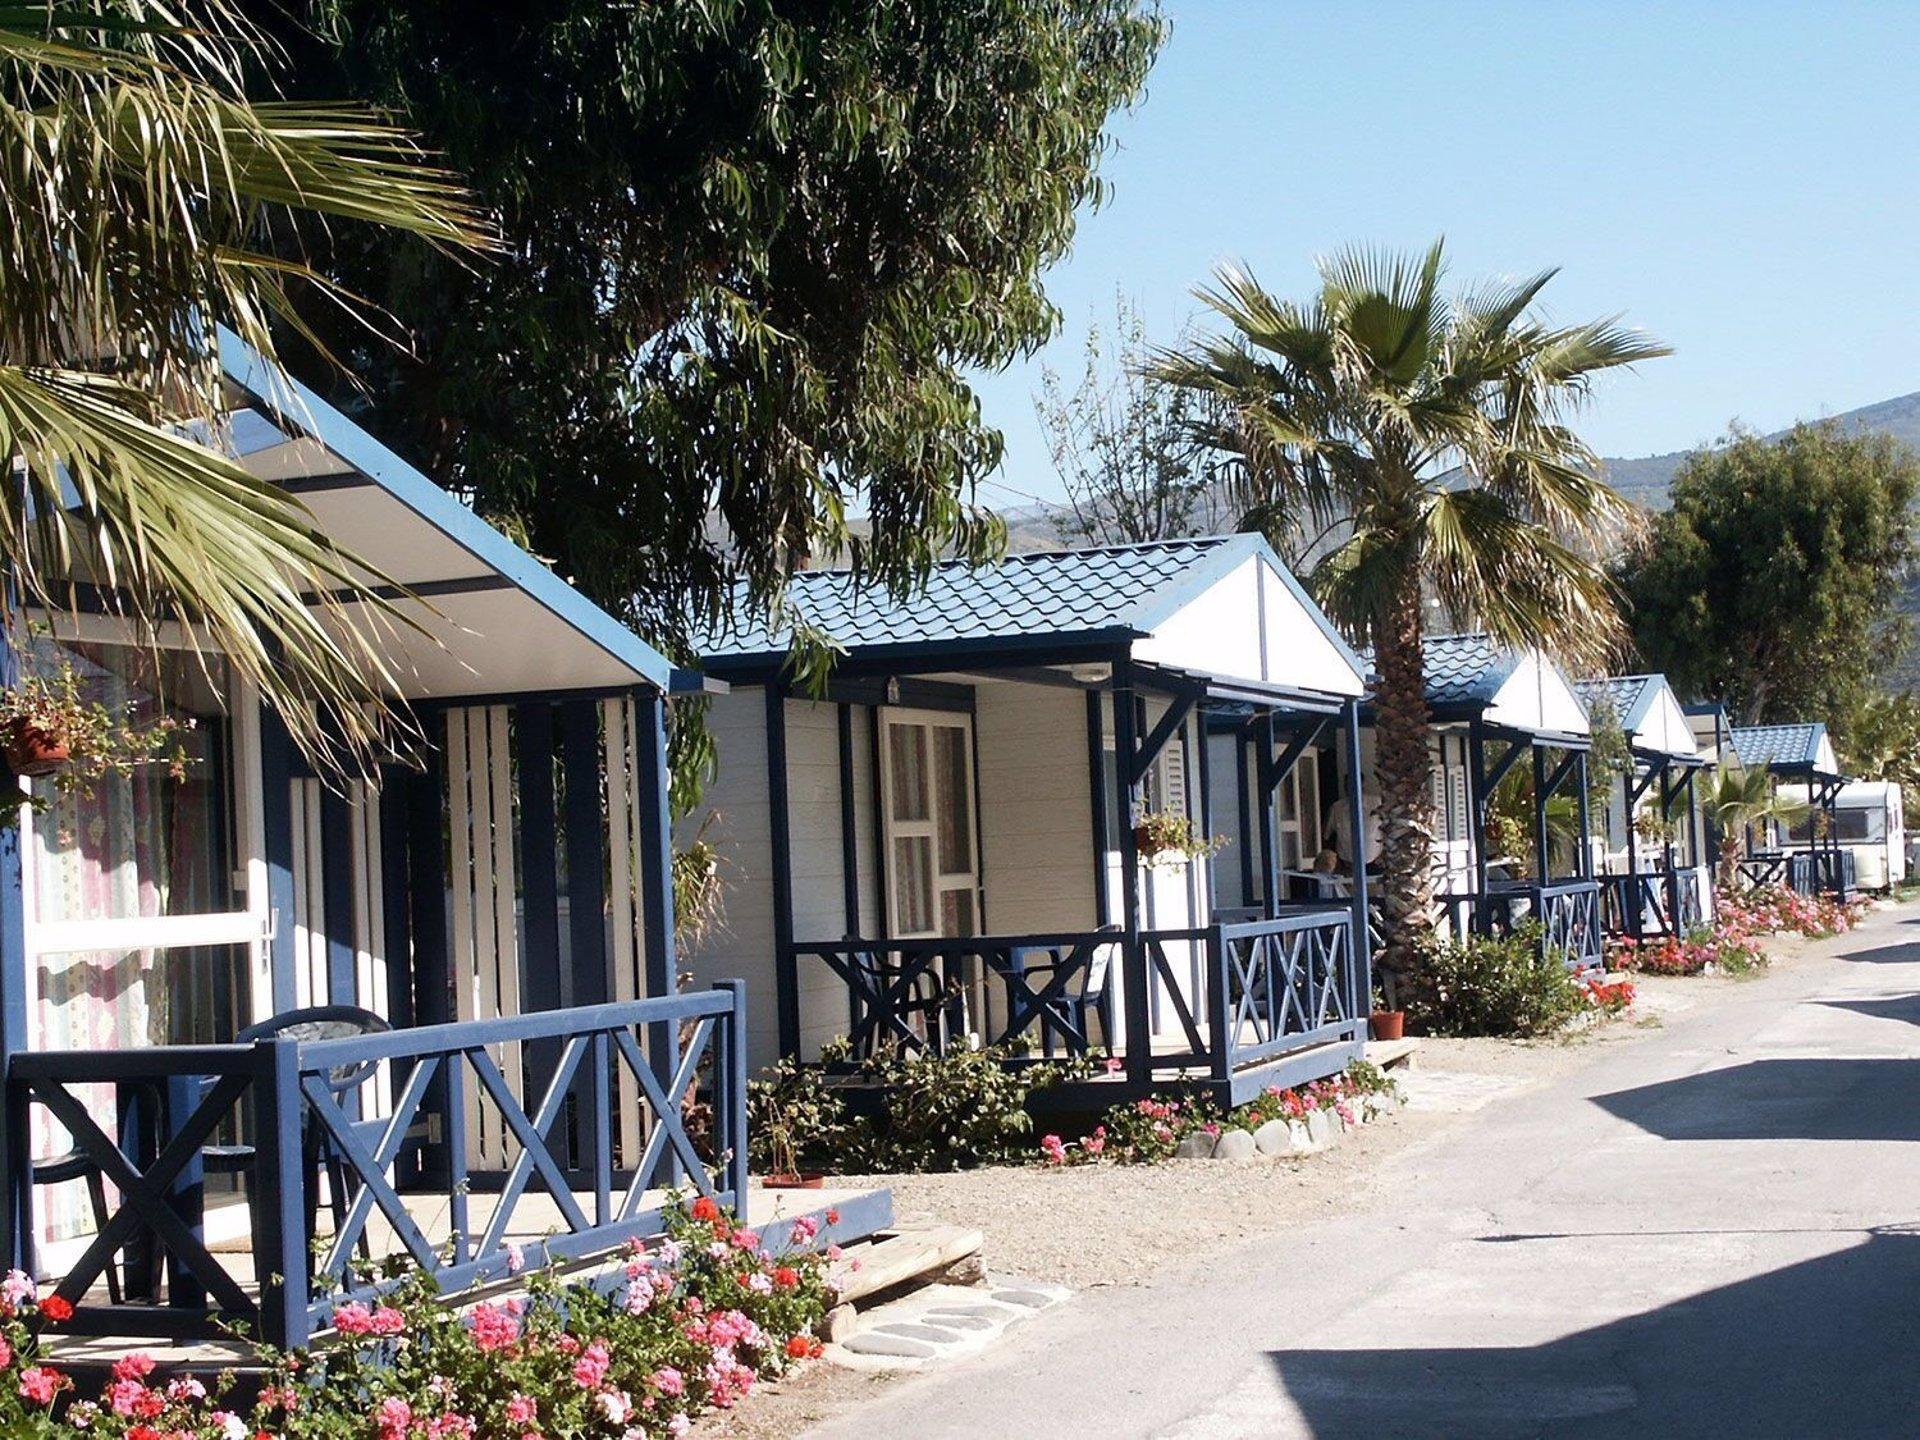 Los campings prevén una ocupación de entre el 50 y el 60 por ciento en el puente de Semana Santa